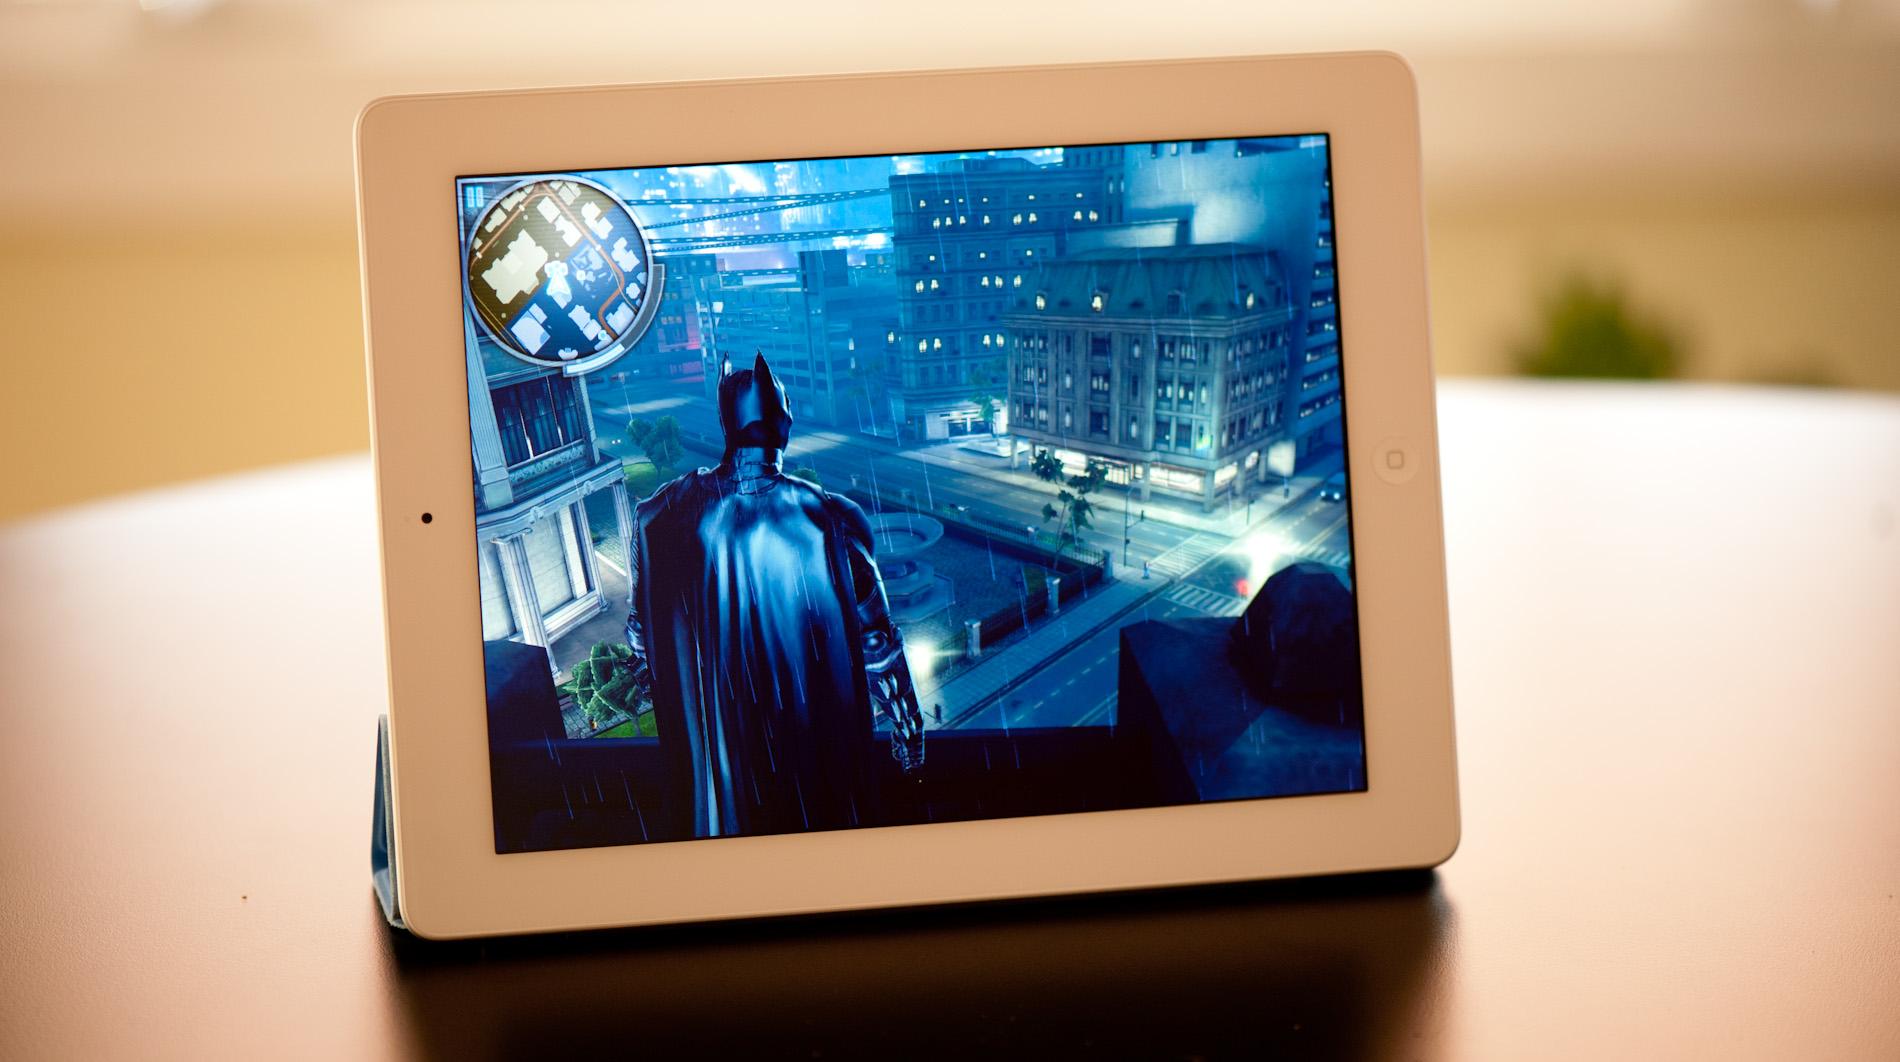 Dòng iPad qua sử dụng mang thương hiệu Apple